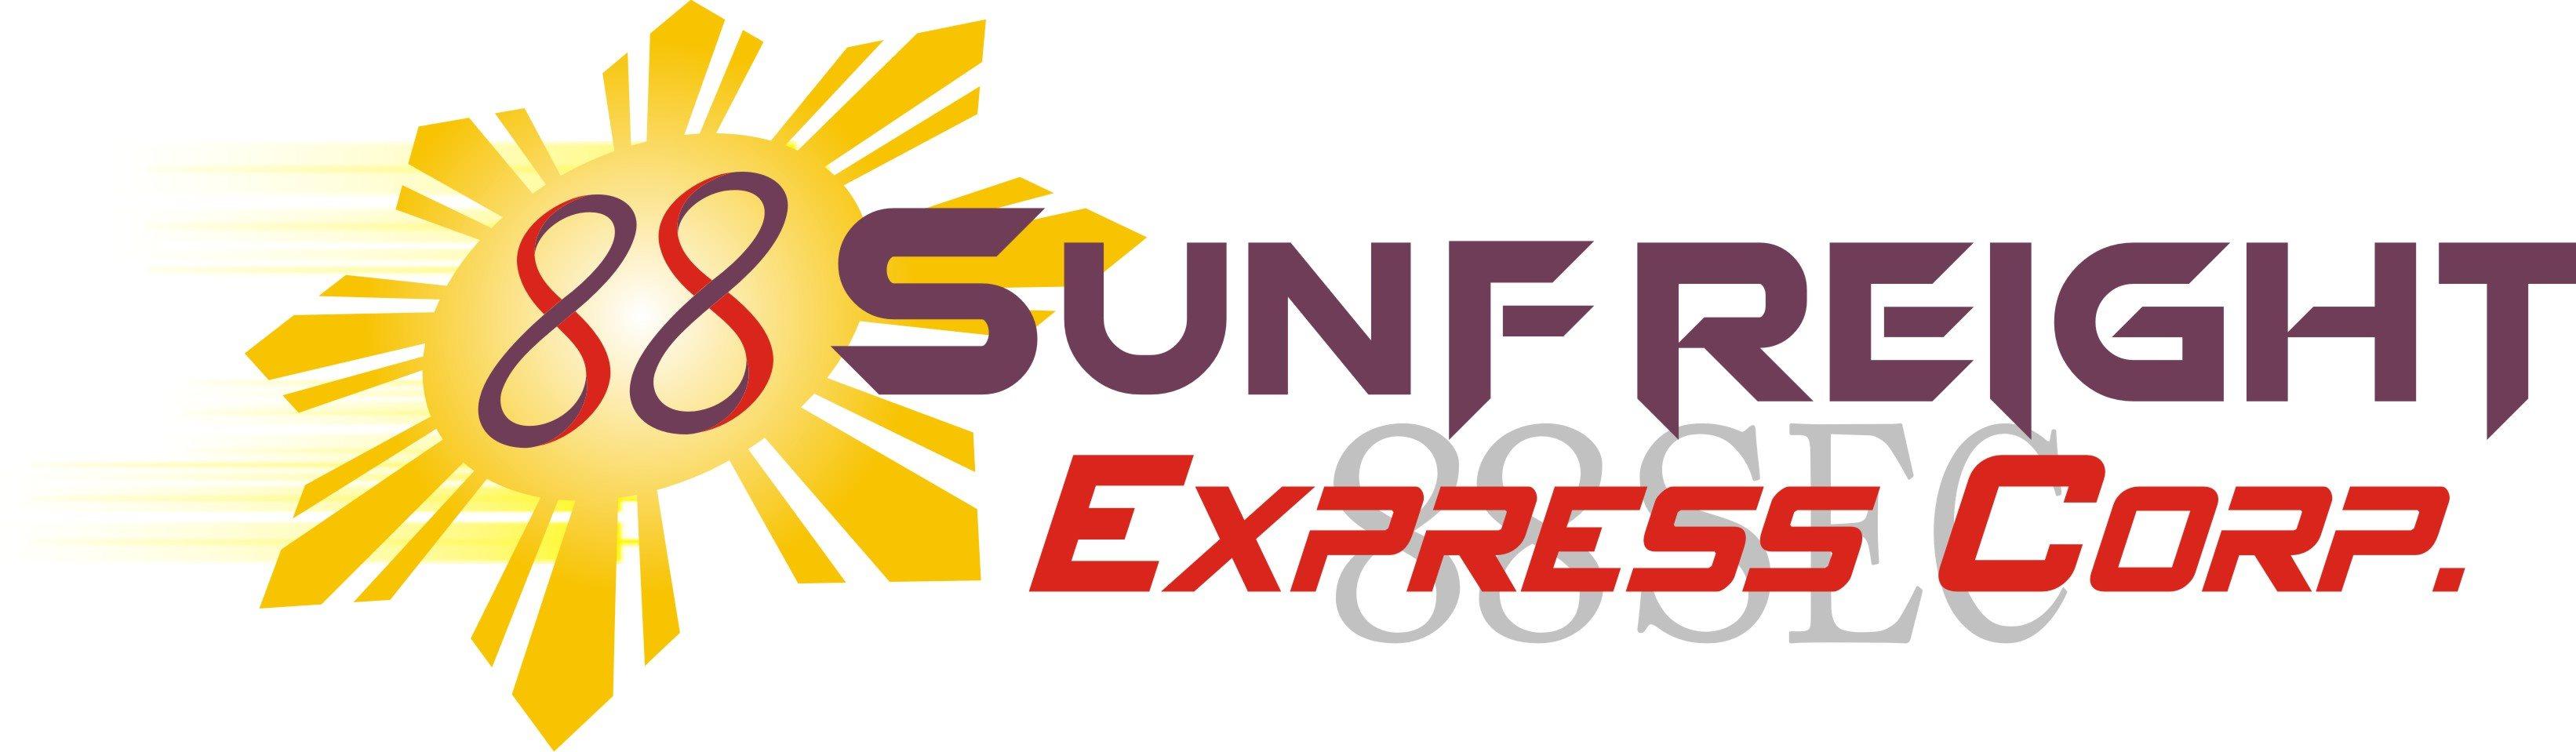 88SUNFREIGHT EXPRESS CORP